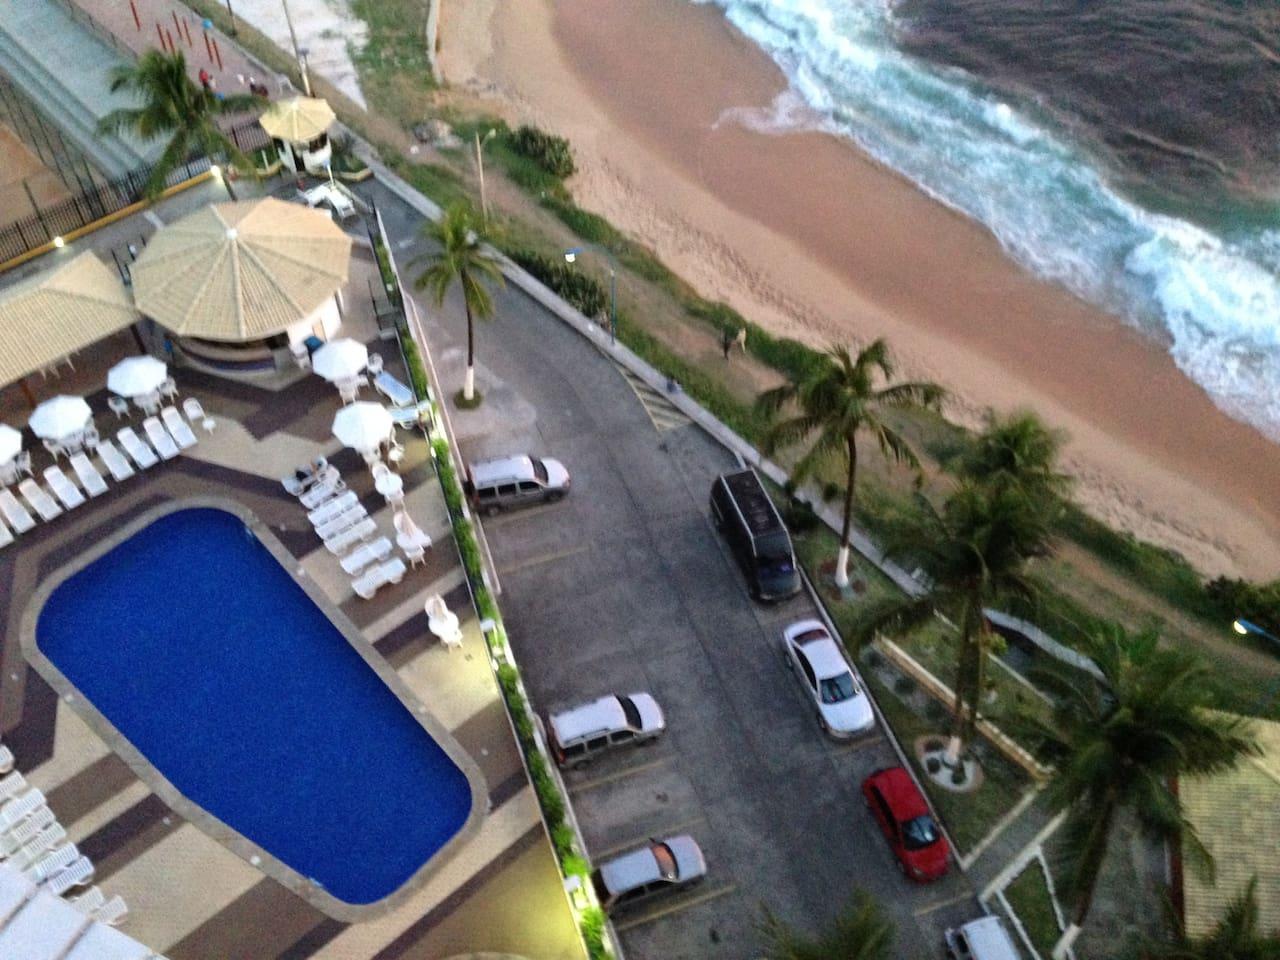 Vista piscina/bar do prédio.